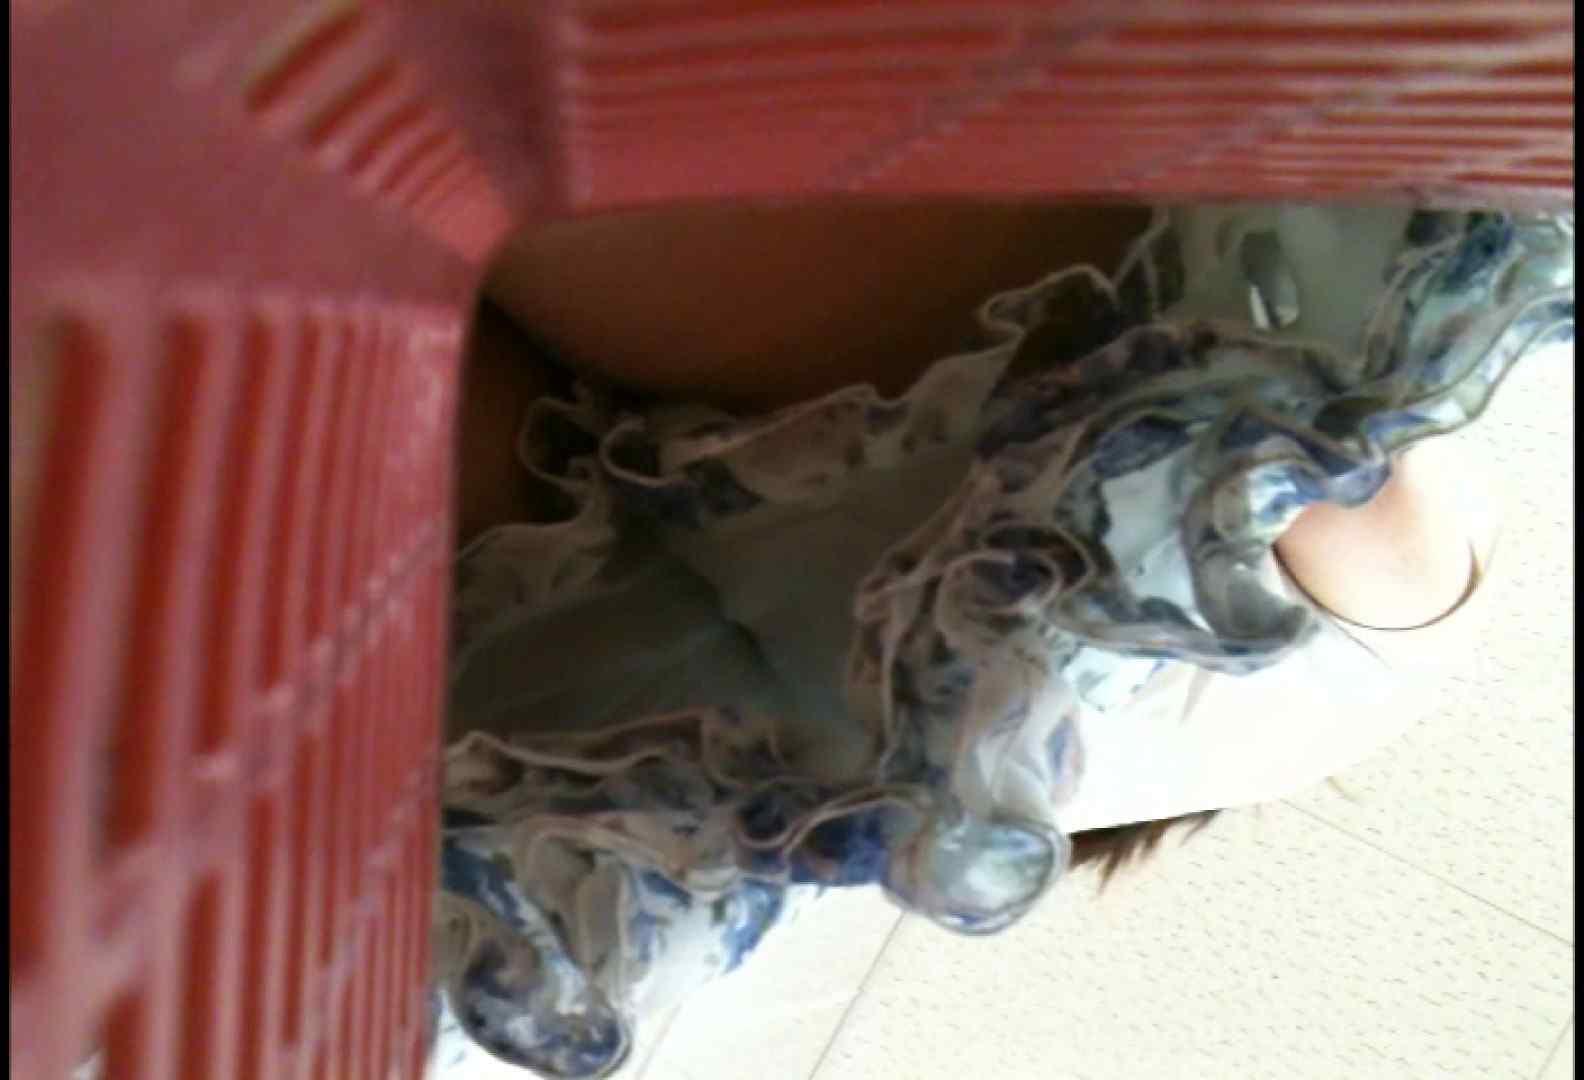 近所のお店は危険がイッパイ vol.6 美しいOLの裸体  79pic 54